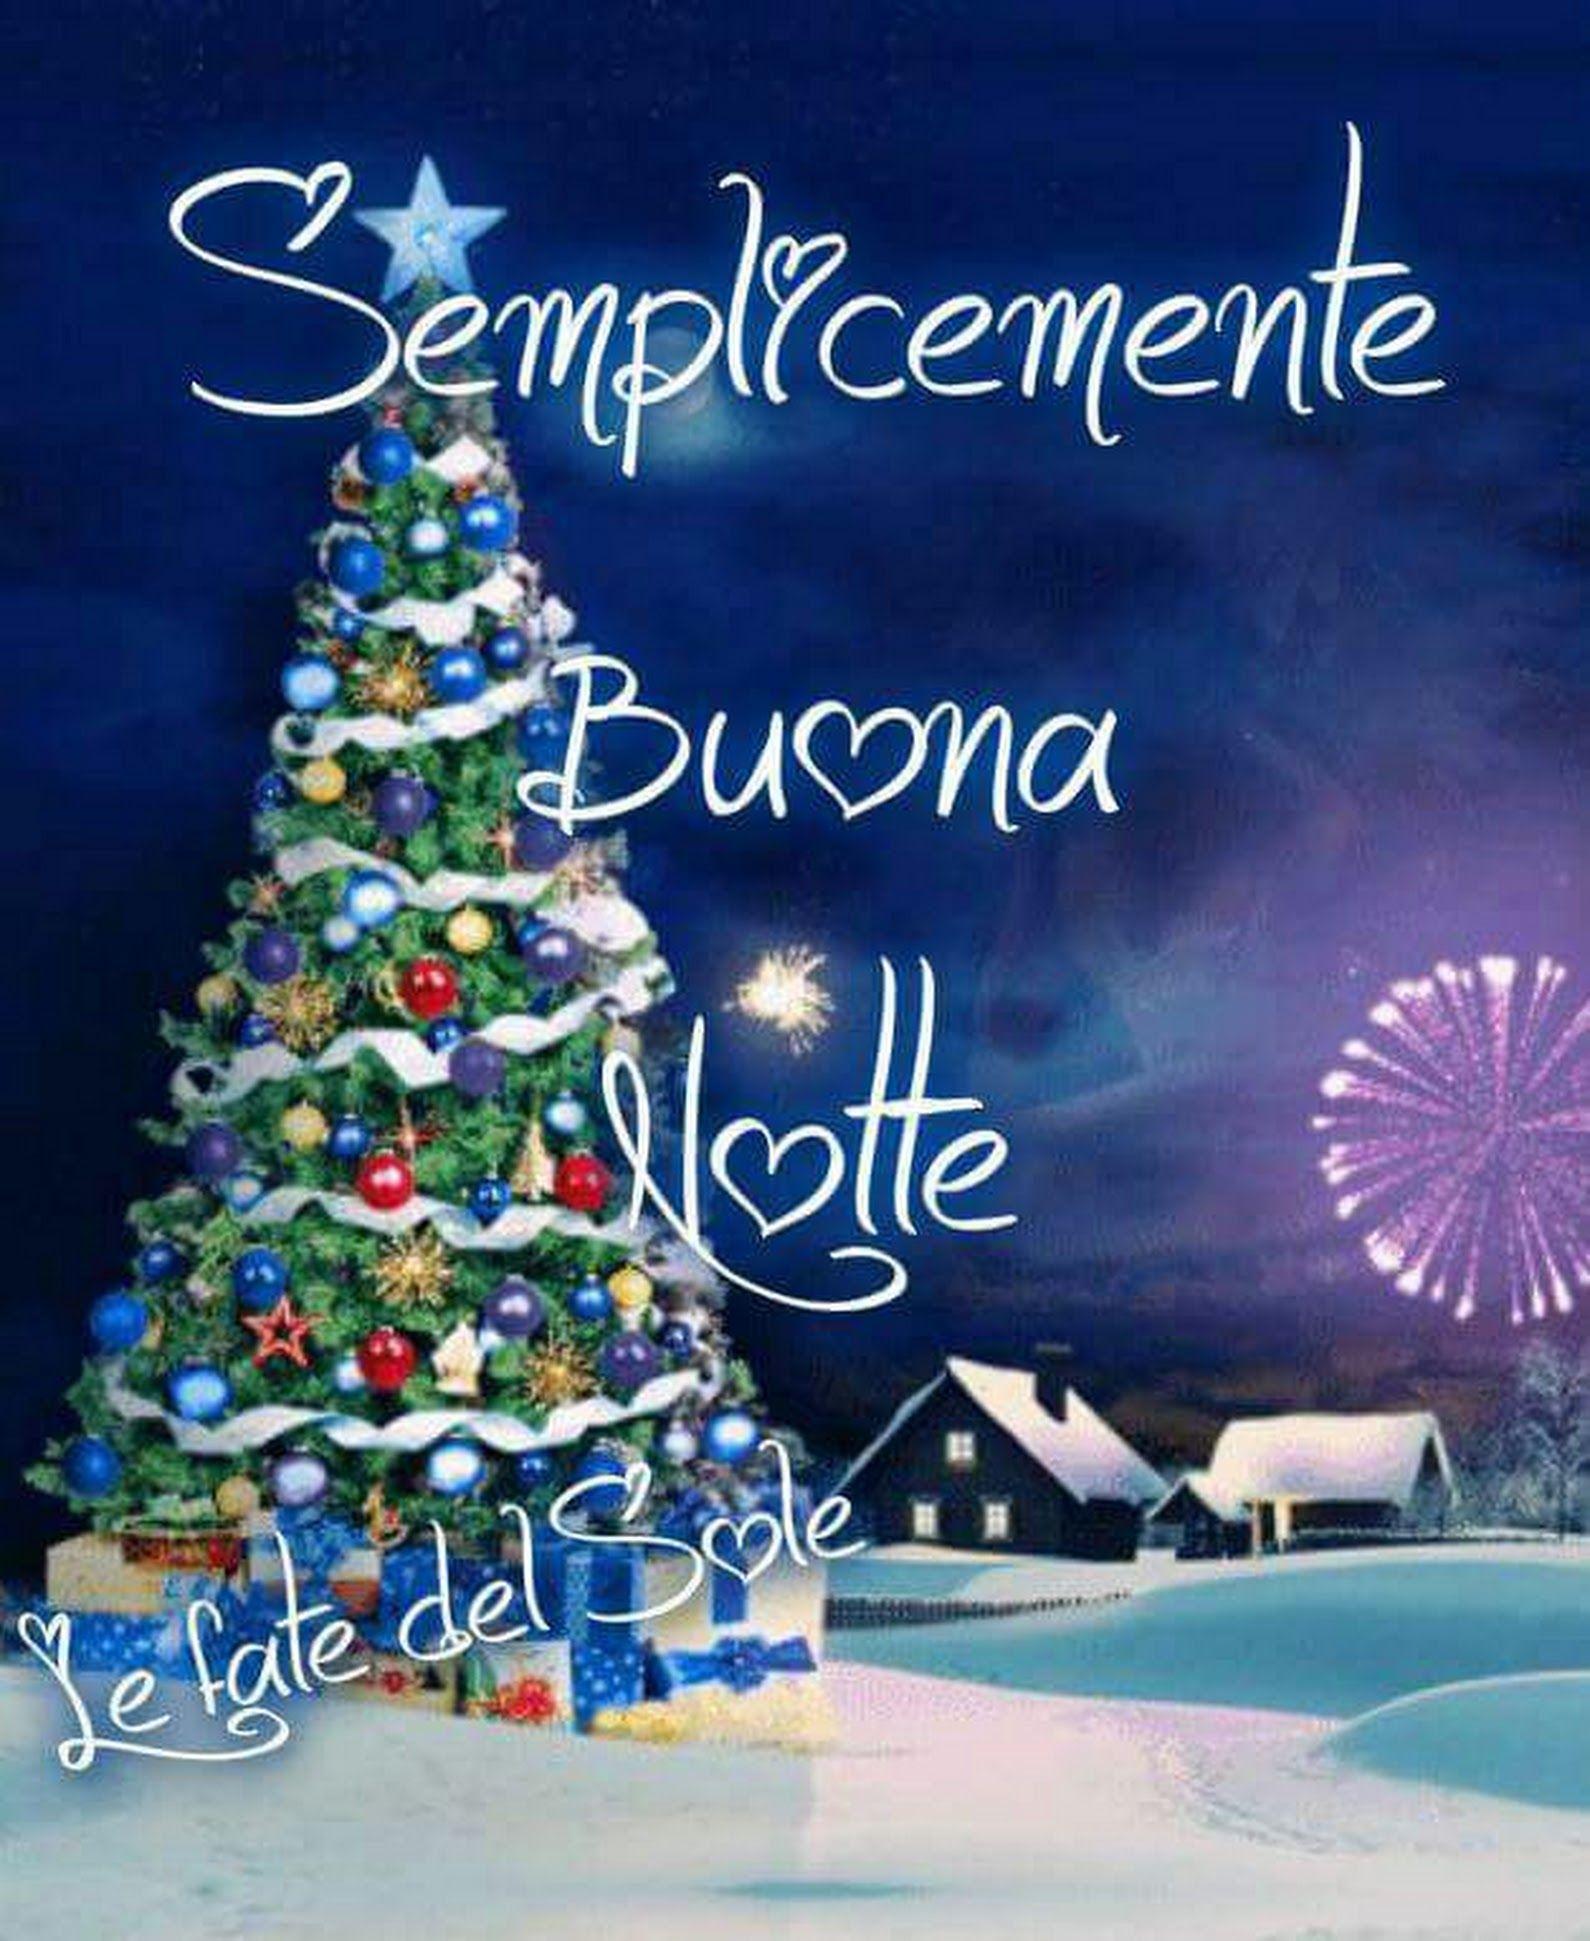 Immagini Di Buona Notte Di Natale.Sign In Buonanotte Immagini Foto Di Natale